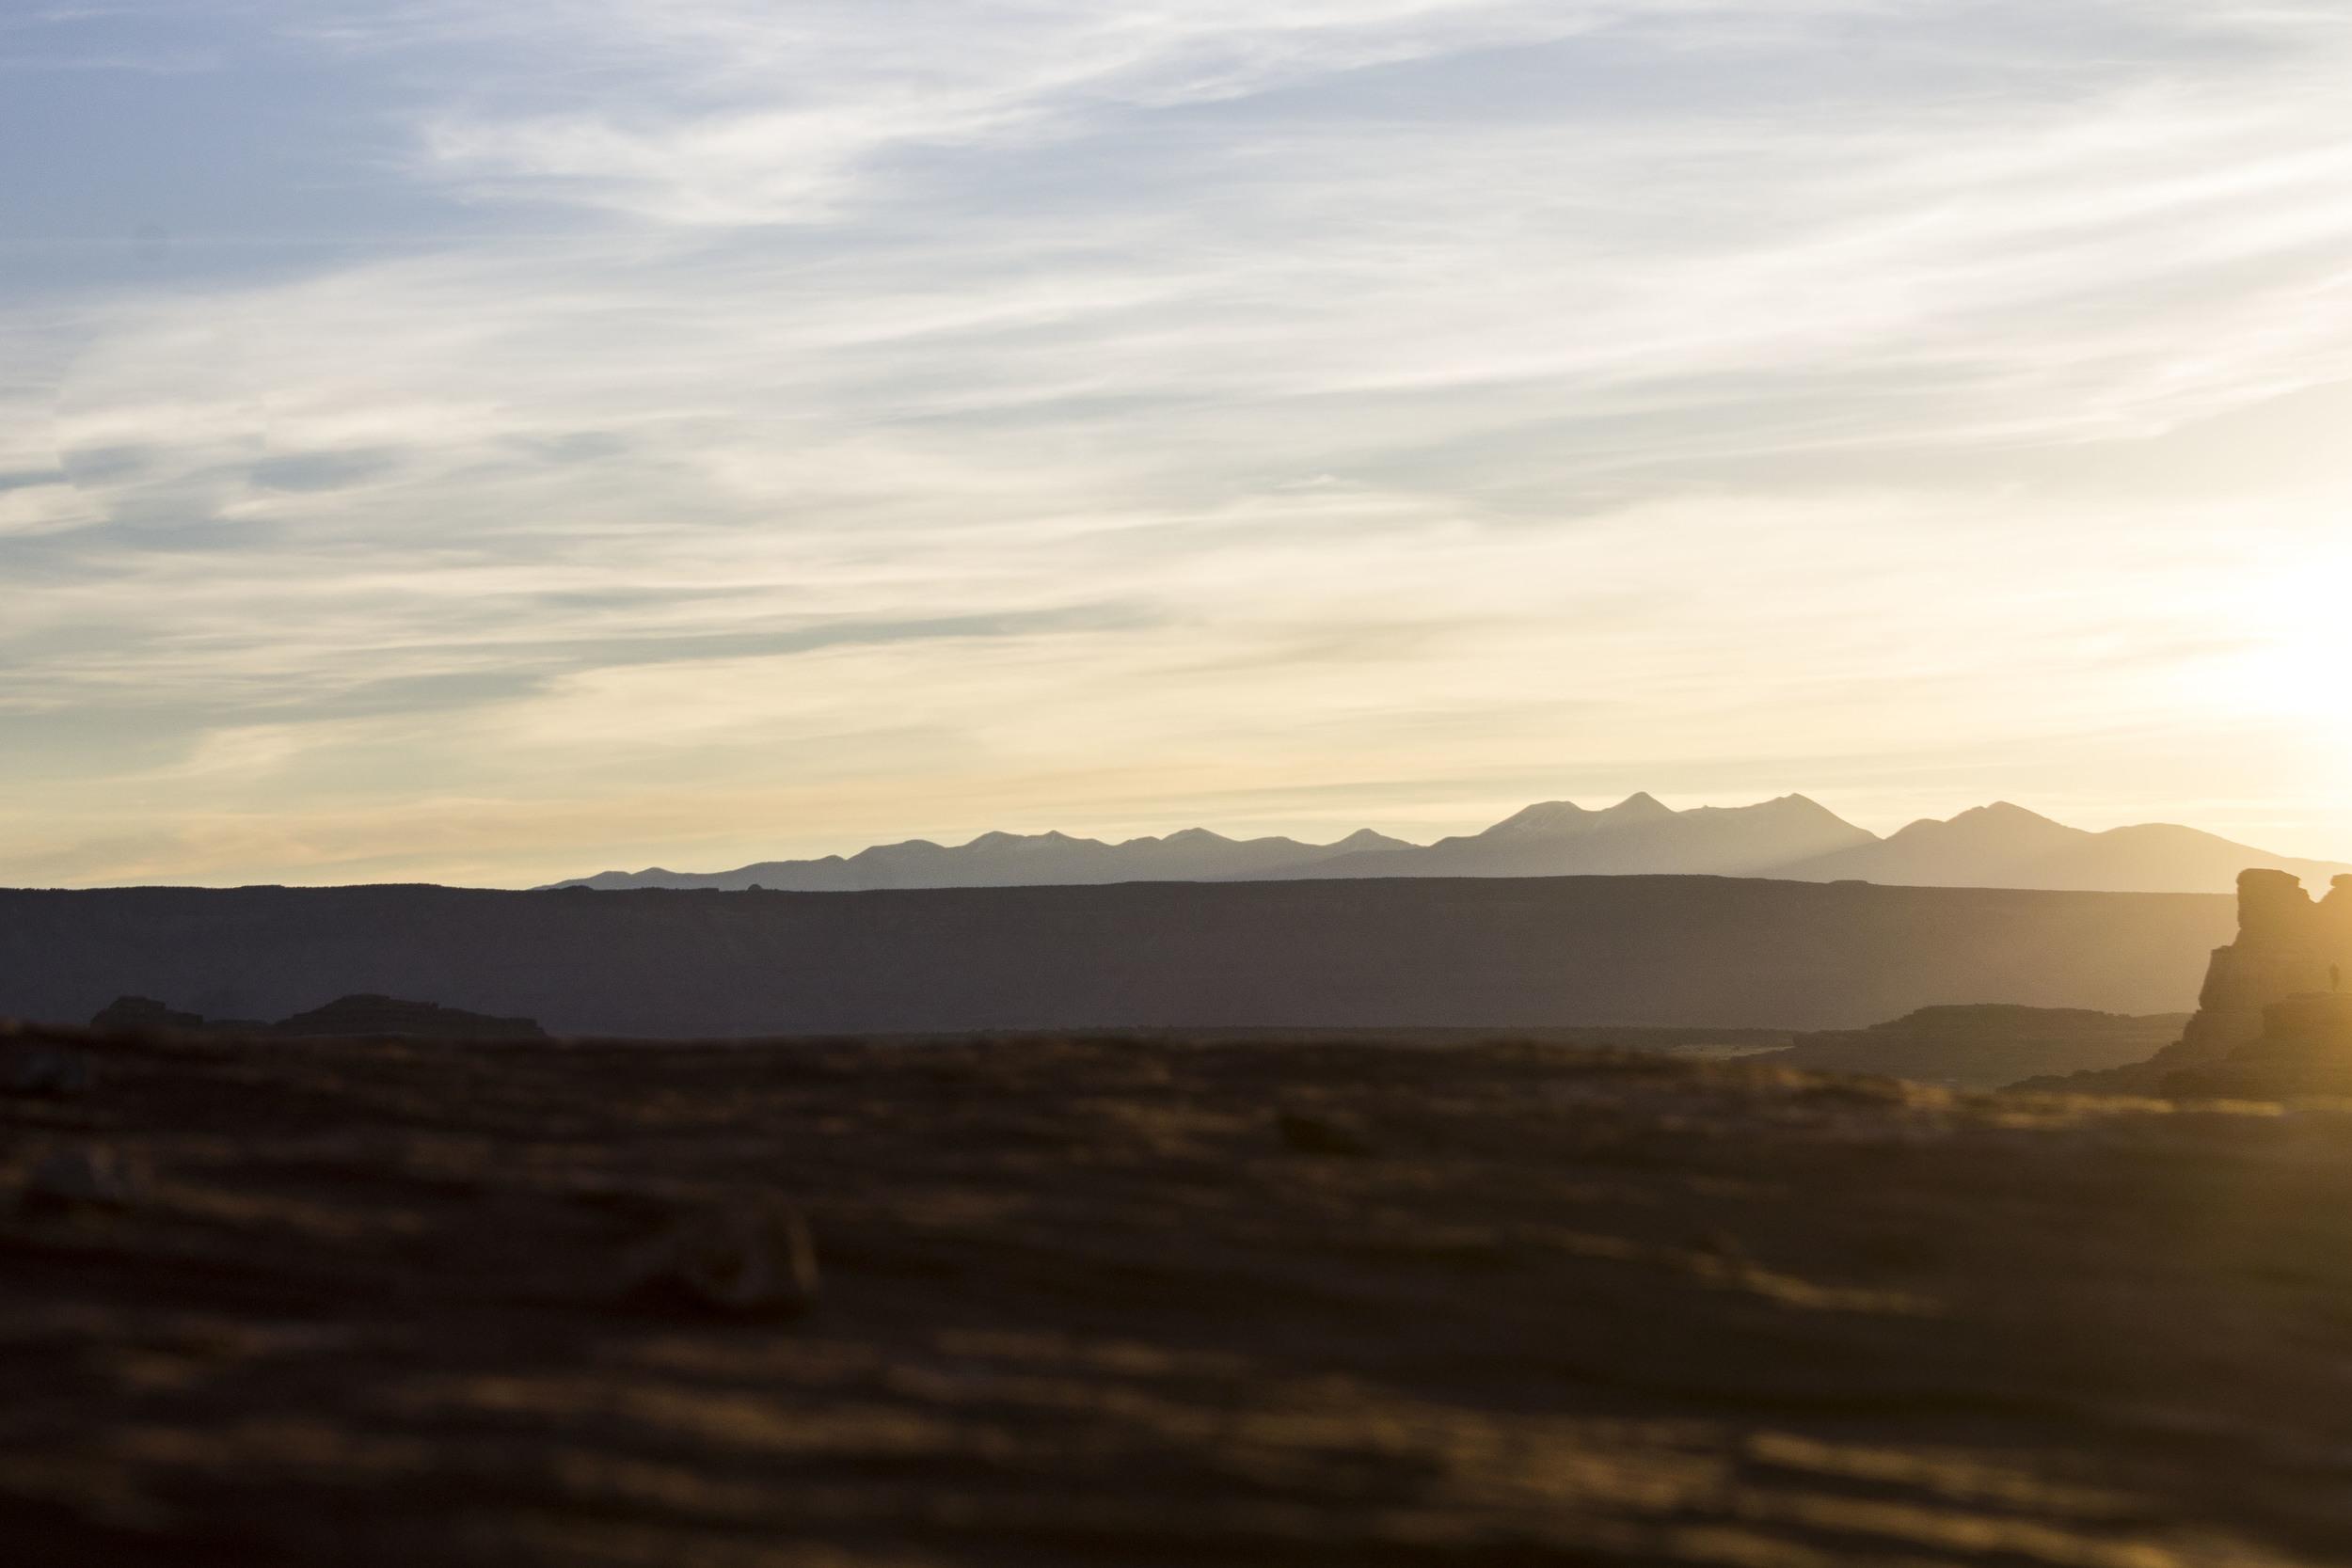 sunrisemountains.jpg